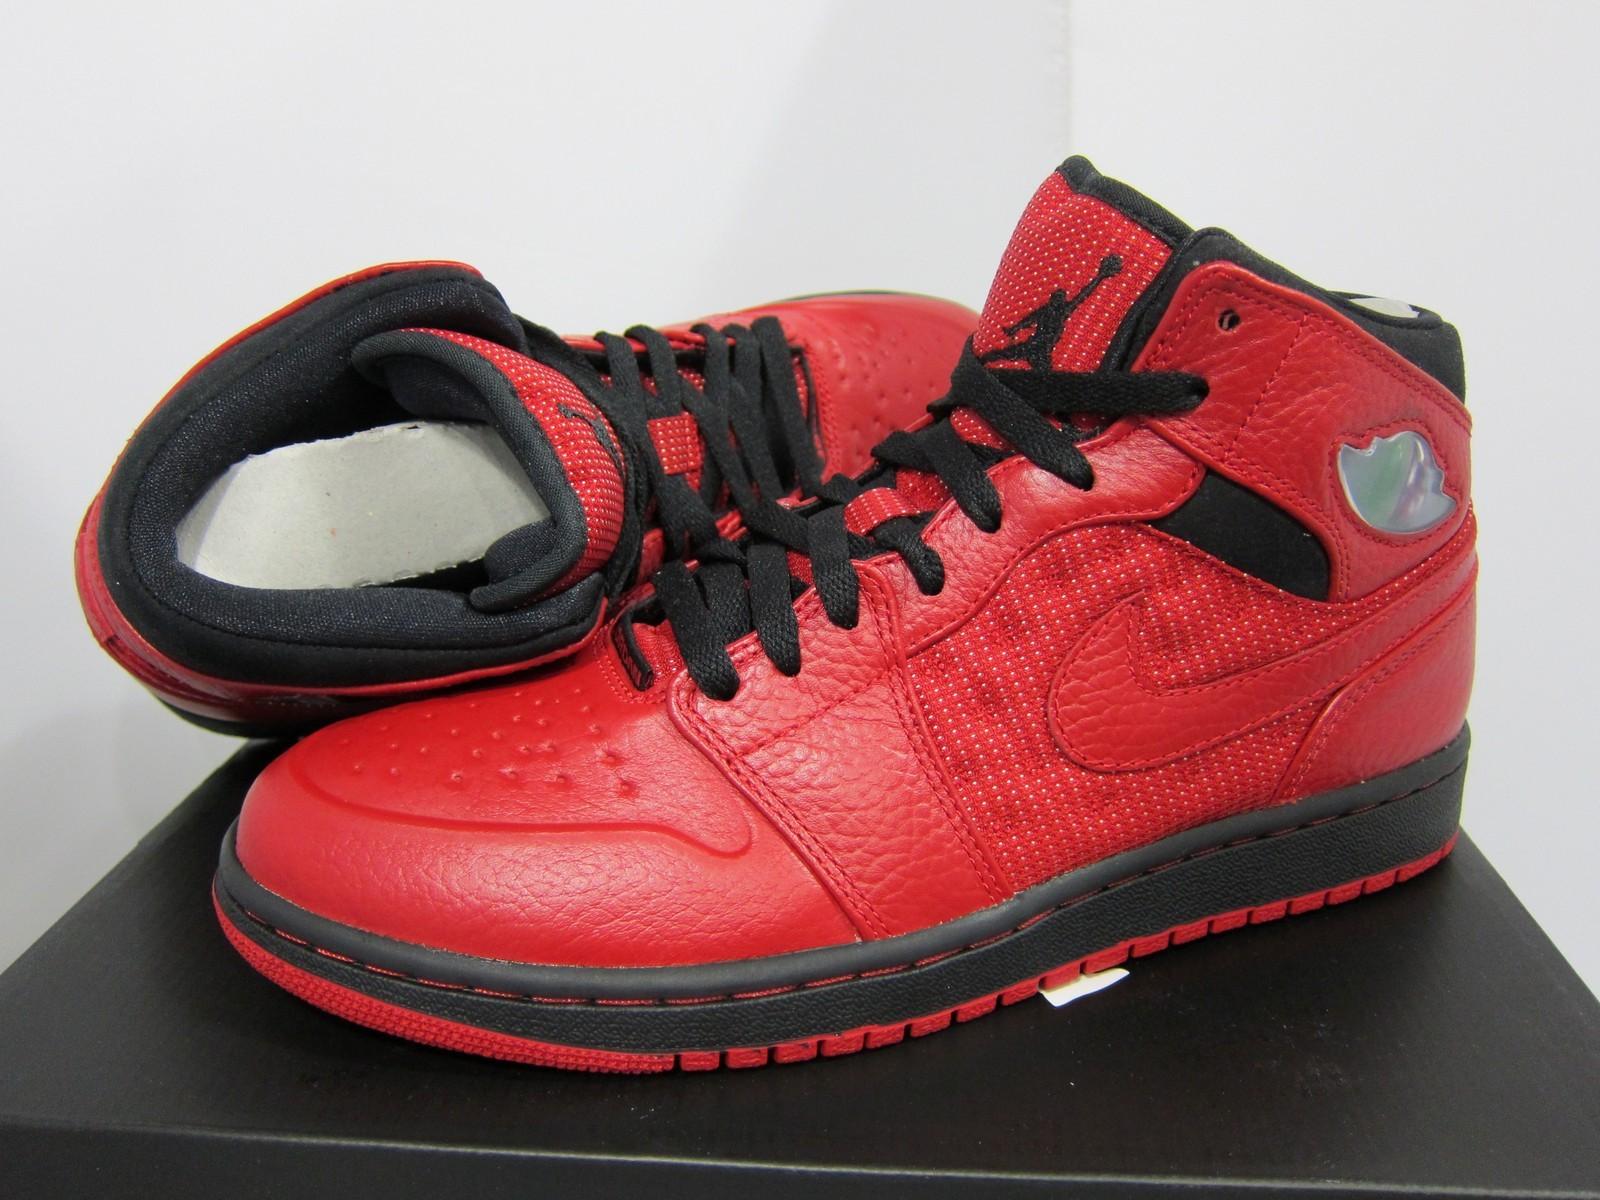 100% authentic 96b8a 09ae1 FollowTheKicks: Air Jordan Retro 1 '97 TXT